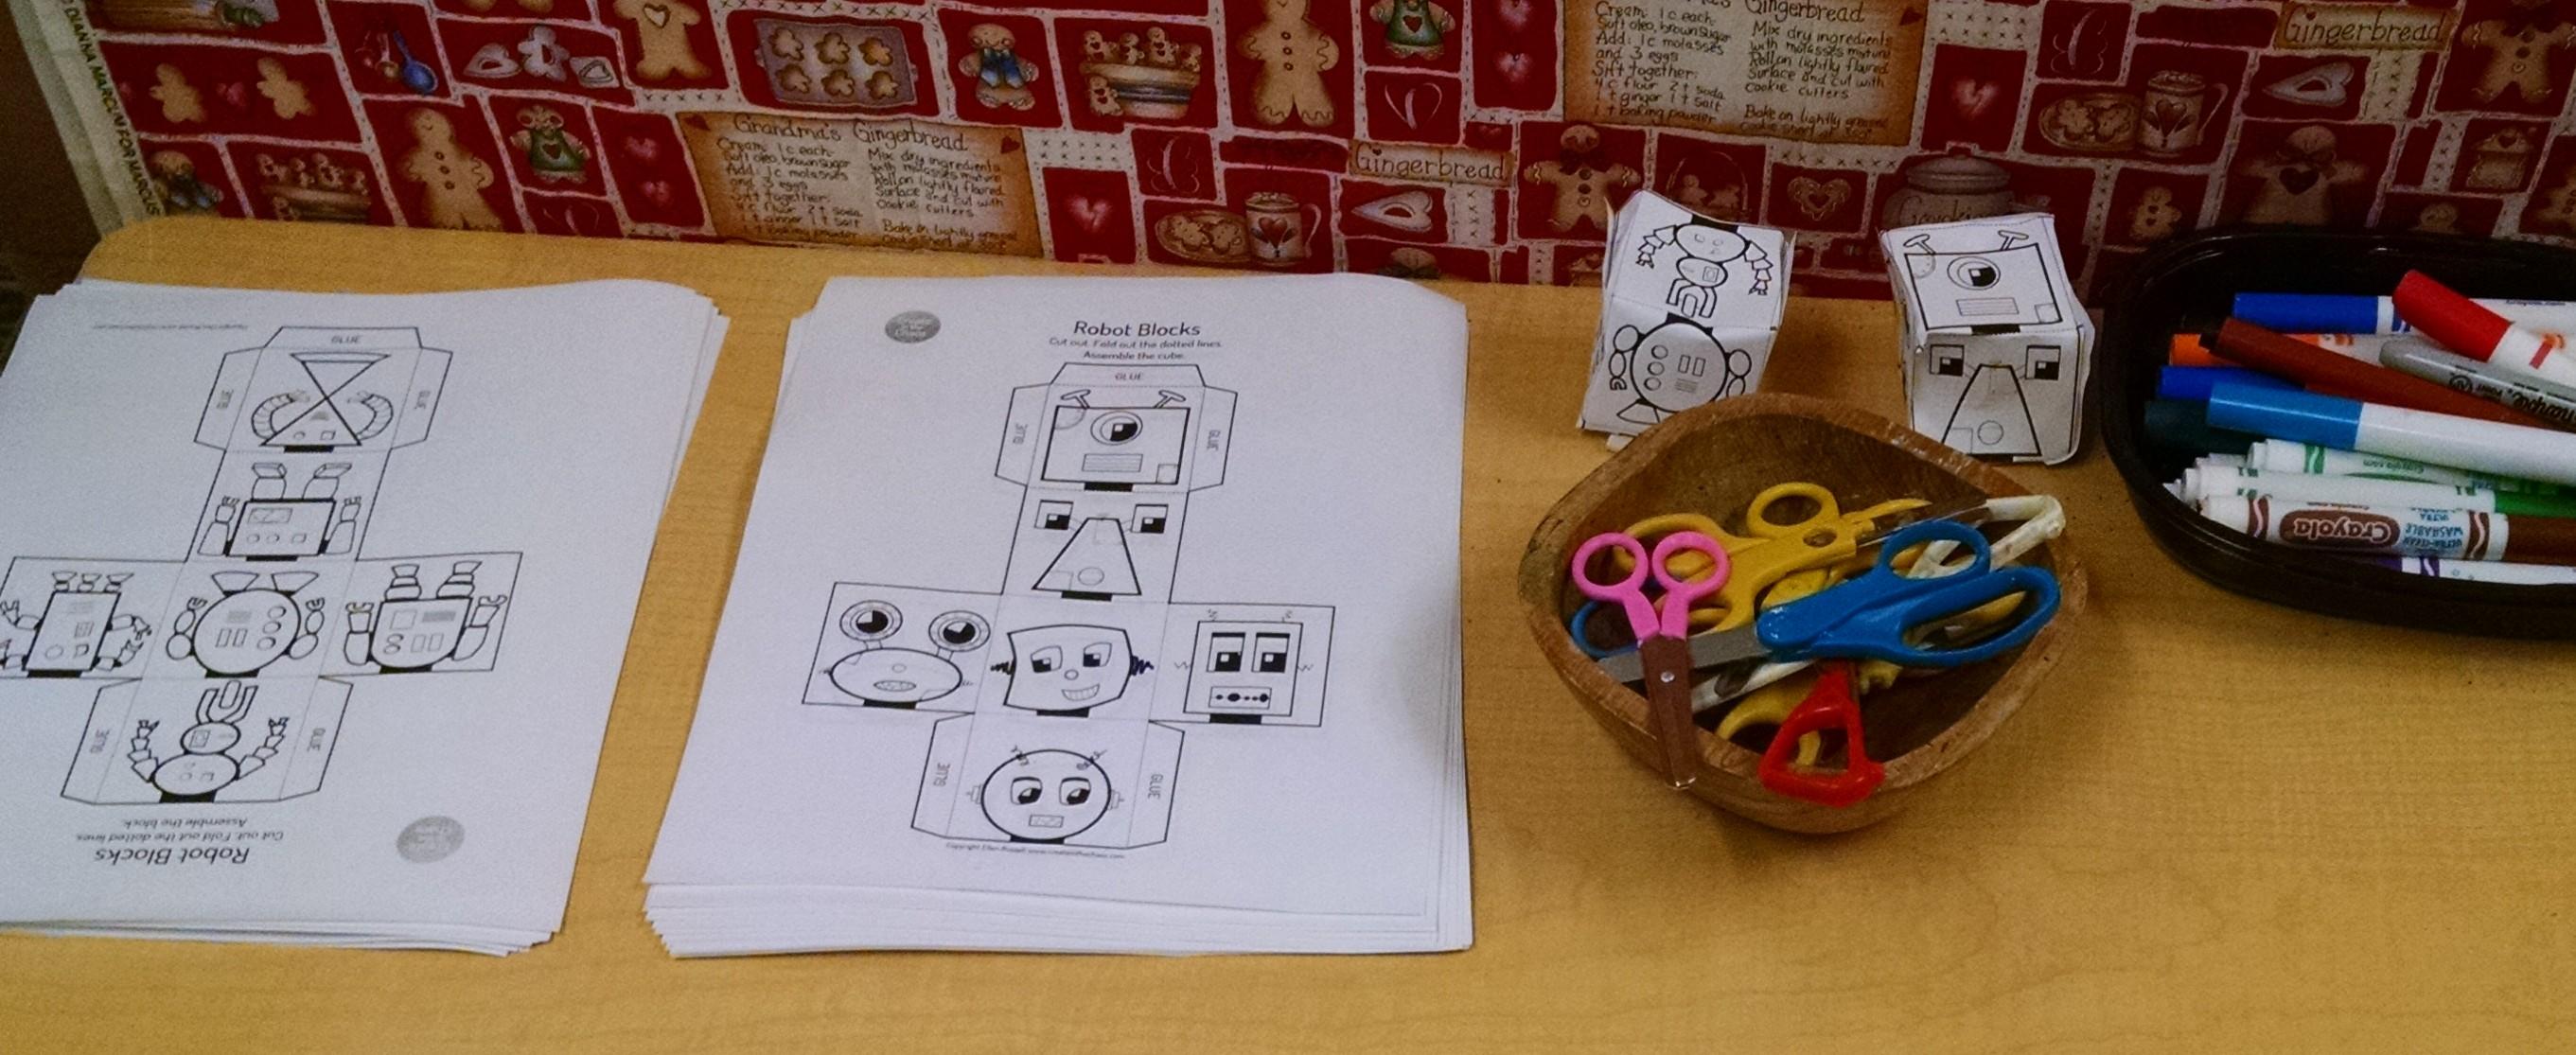 Robot activities for kids inventors of tomorrow